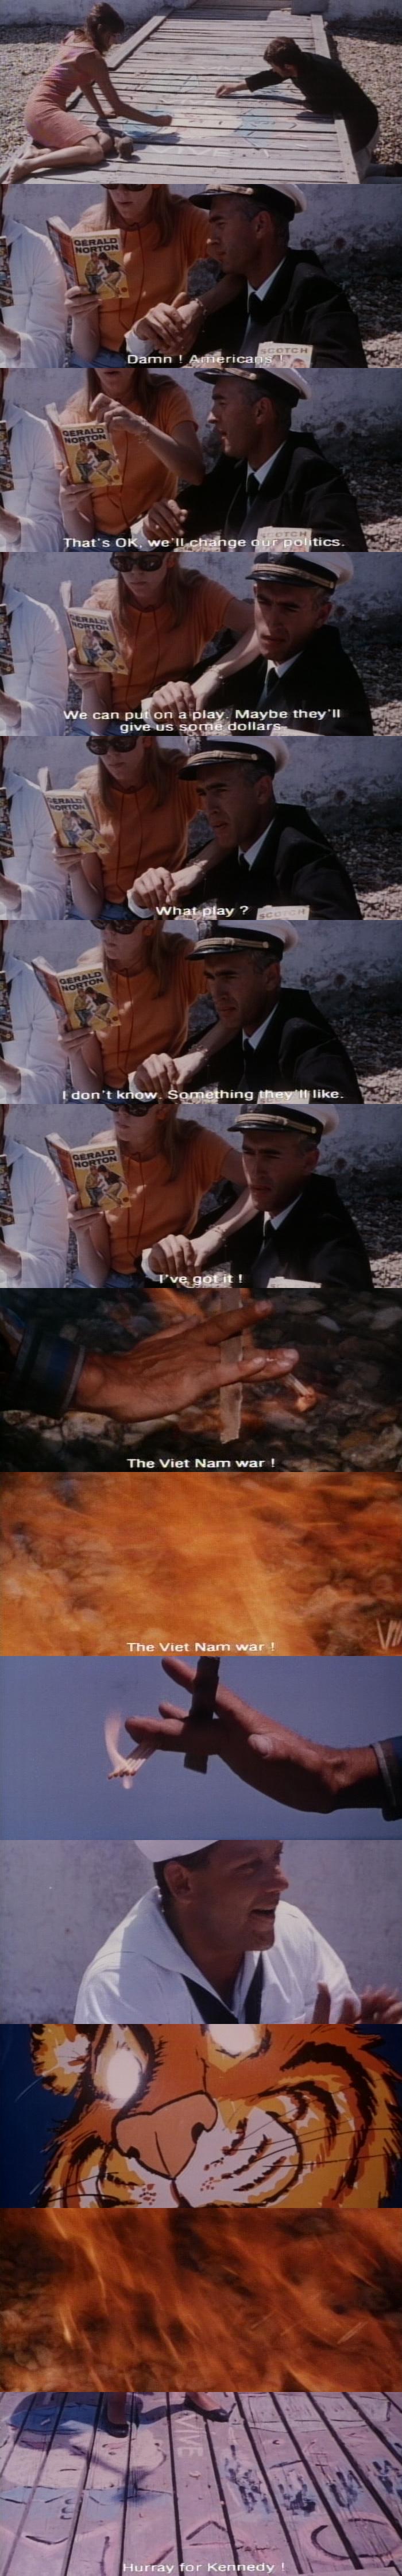 vietnam scene - combined